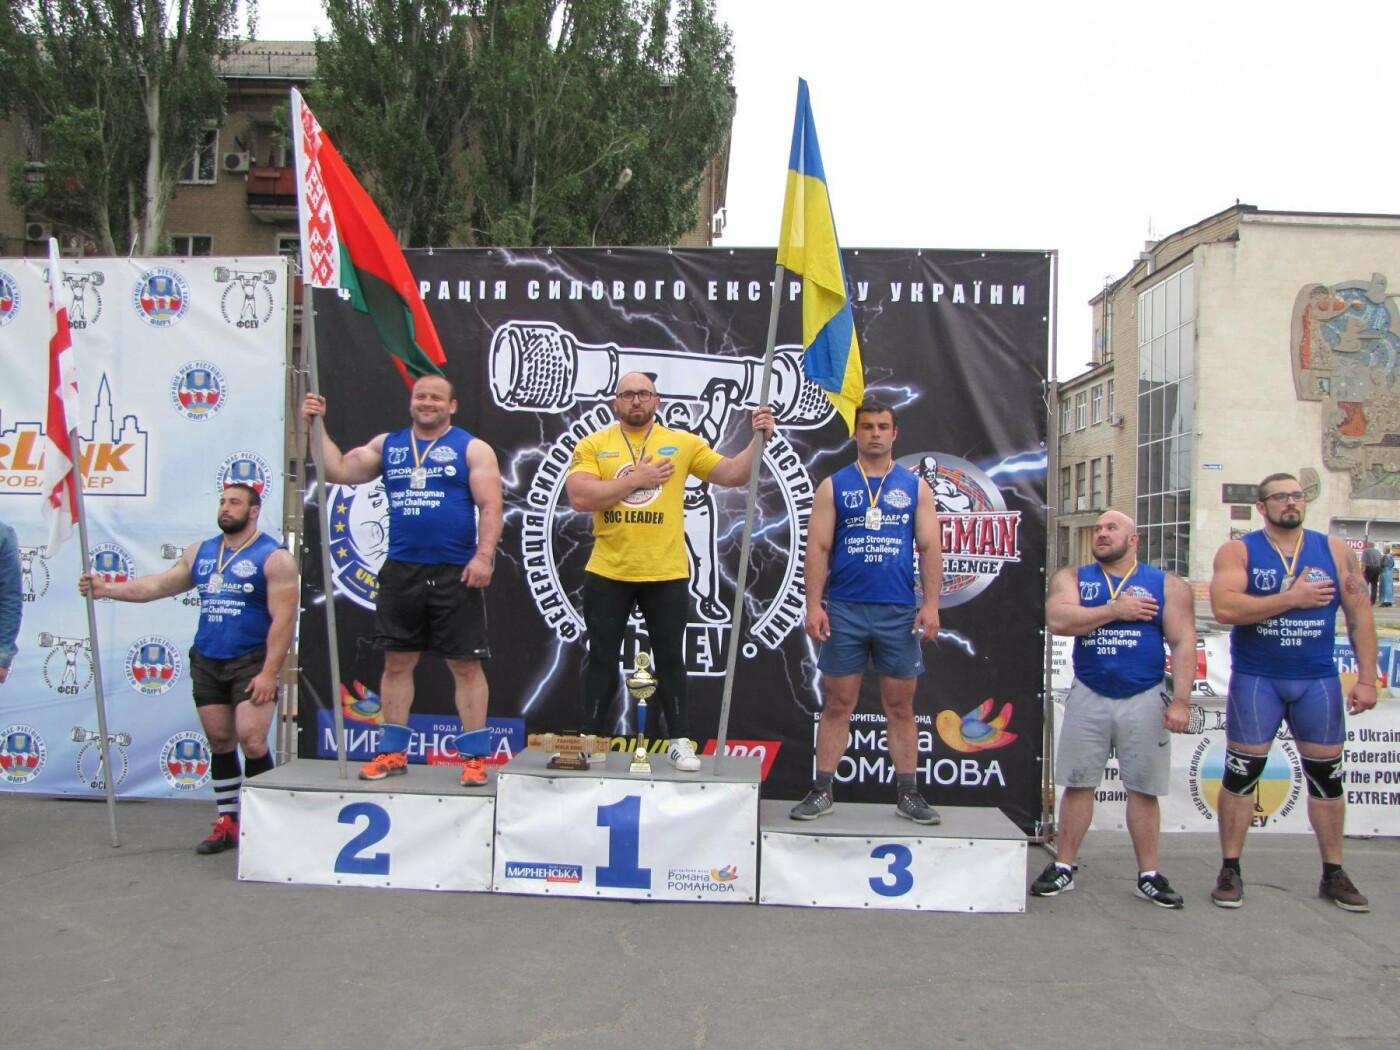 Три победы за неделю: мелитопольский богатырь выиграл второй этап международного чемпионата, фото-58